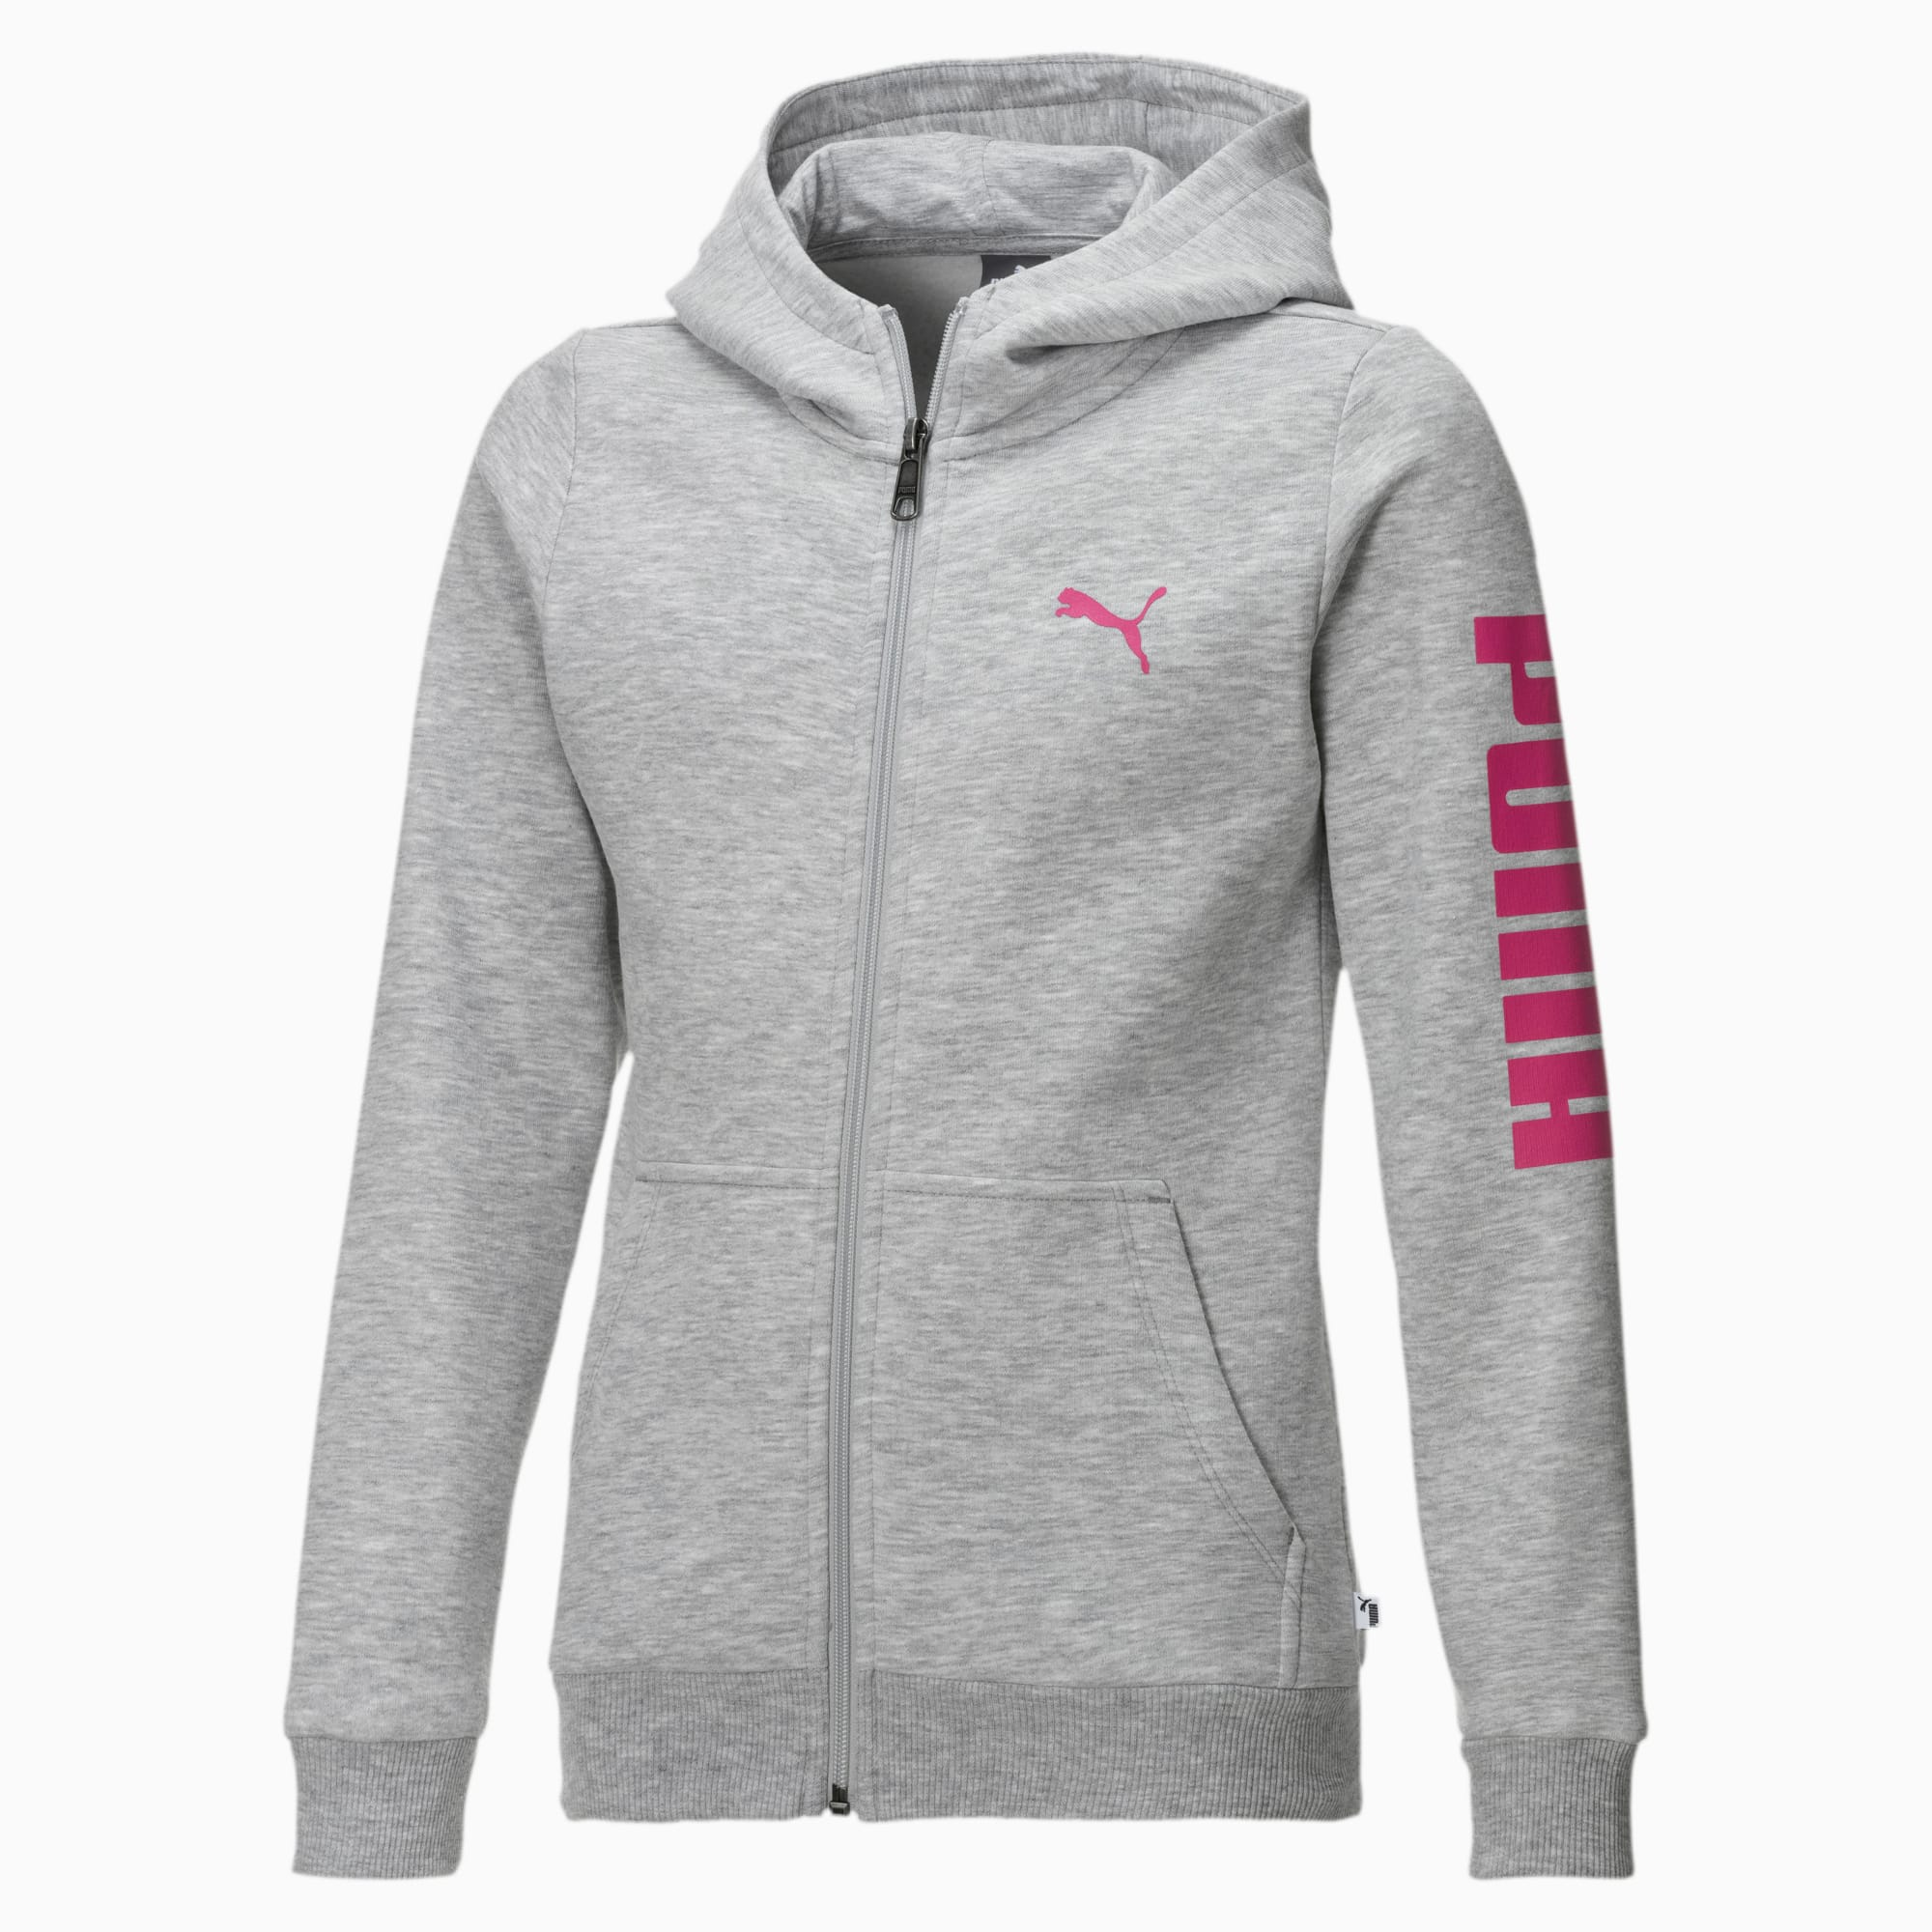 blouson en sweat fleece à capuche pour fille, gris/rose/bruyère, taille 140, vêtements